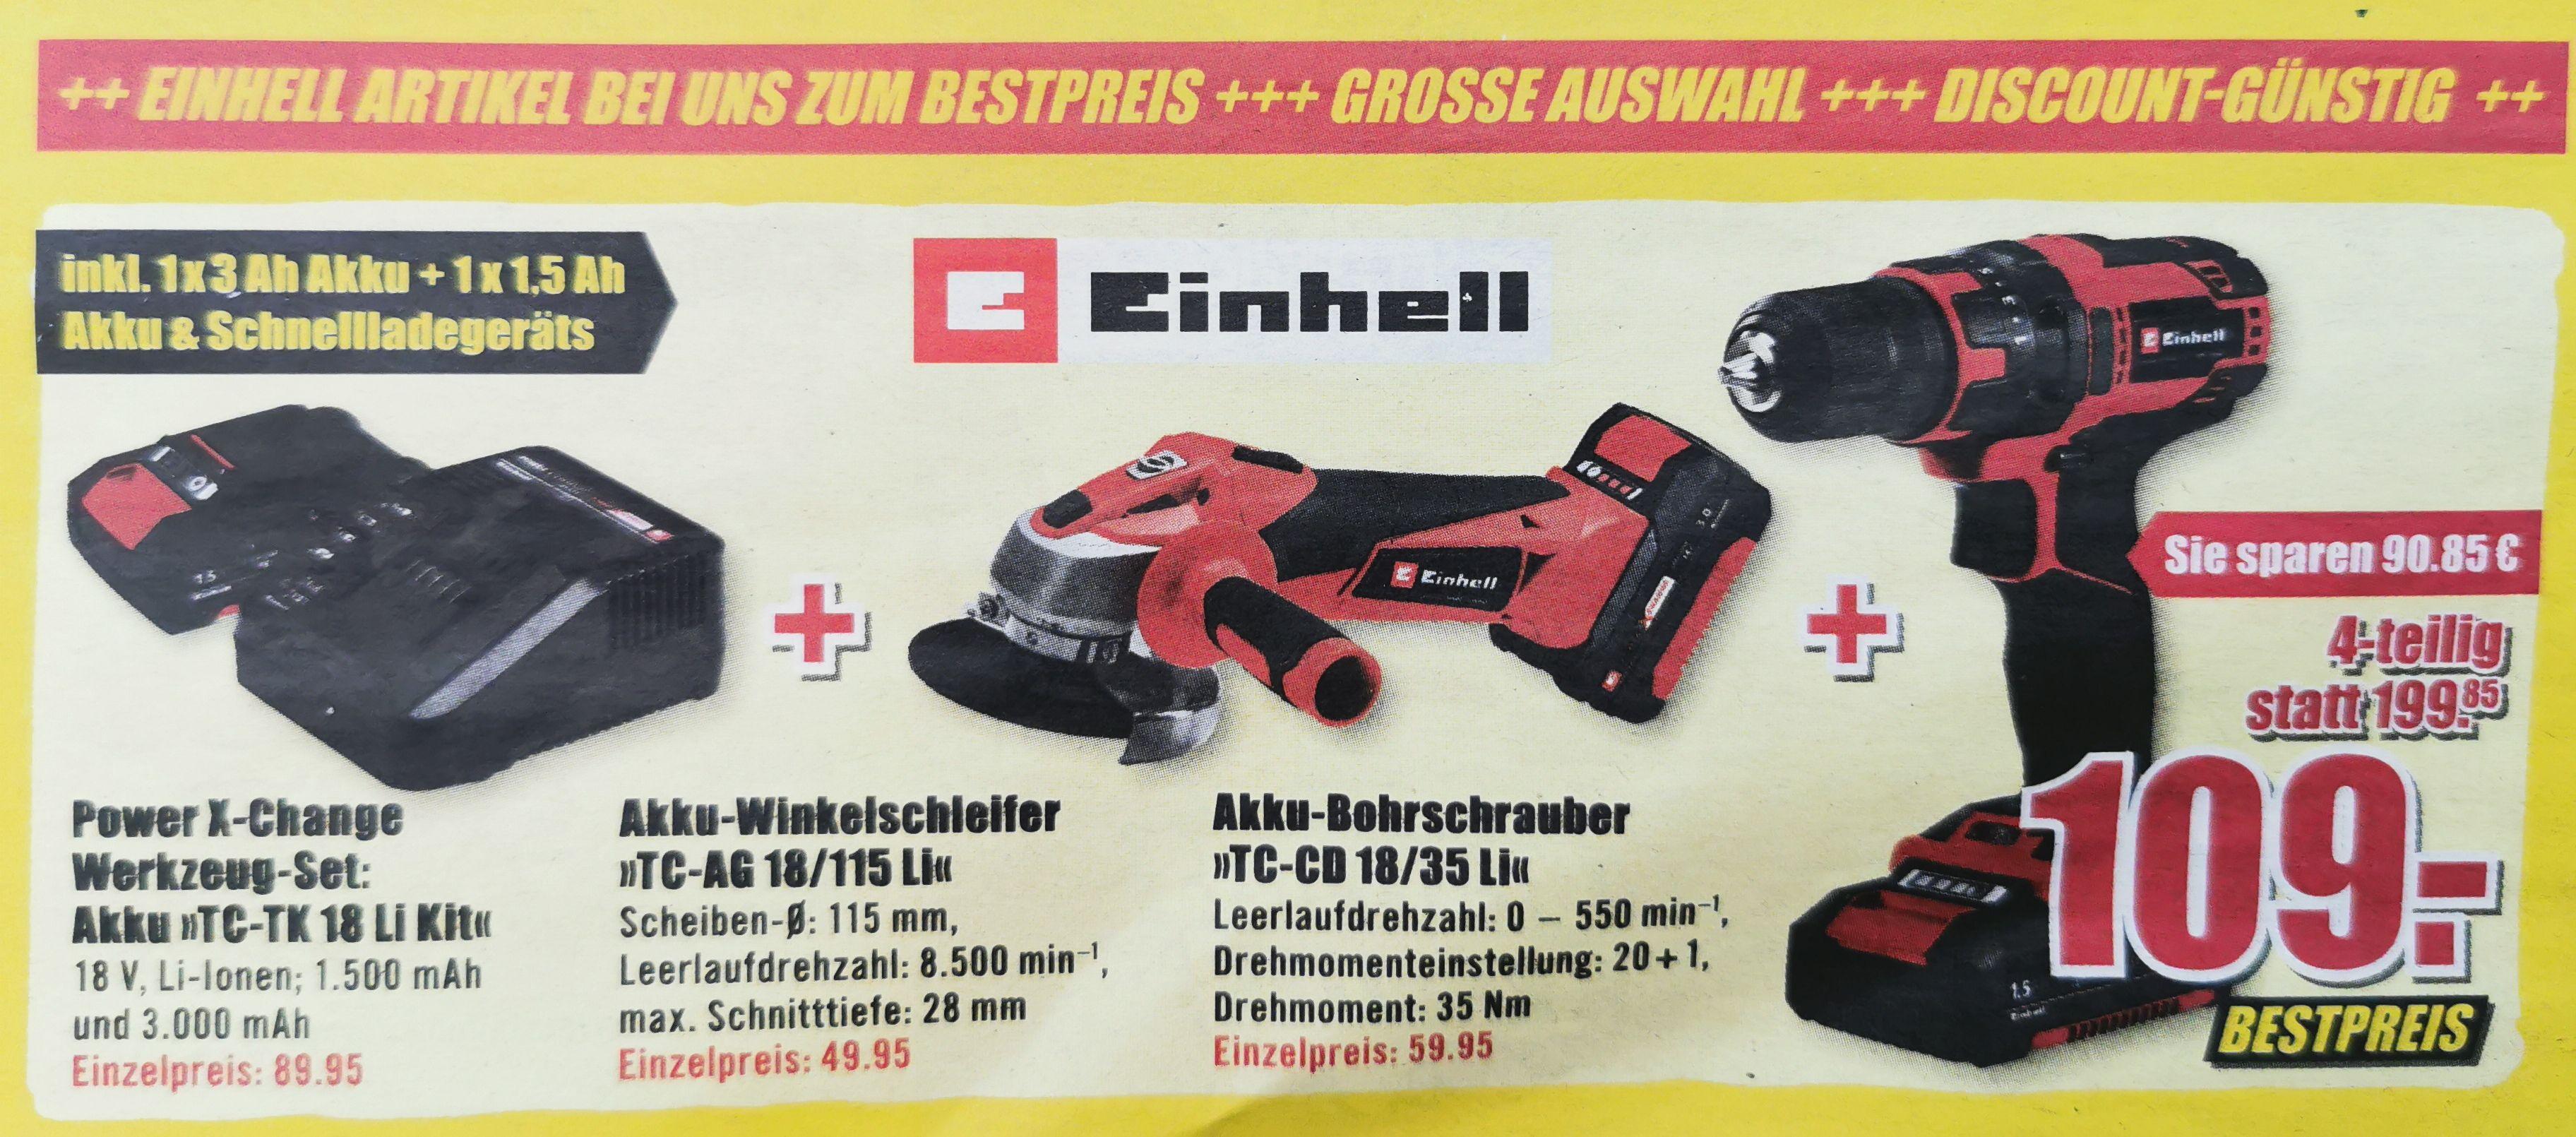 Einhell Akku Winkelschleifer + Akku-Bohrschrauber Set + Akku (18V Li 1.500 mAh + 3.000 mAh) + Schnelllader, lokal, B1 Discount Baumärkte